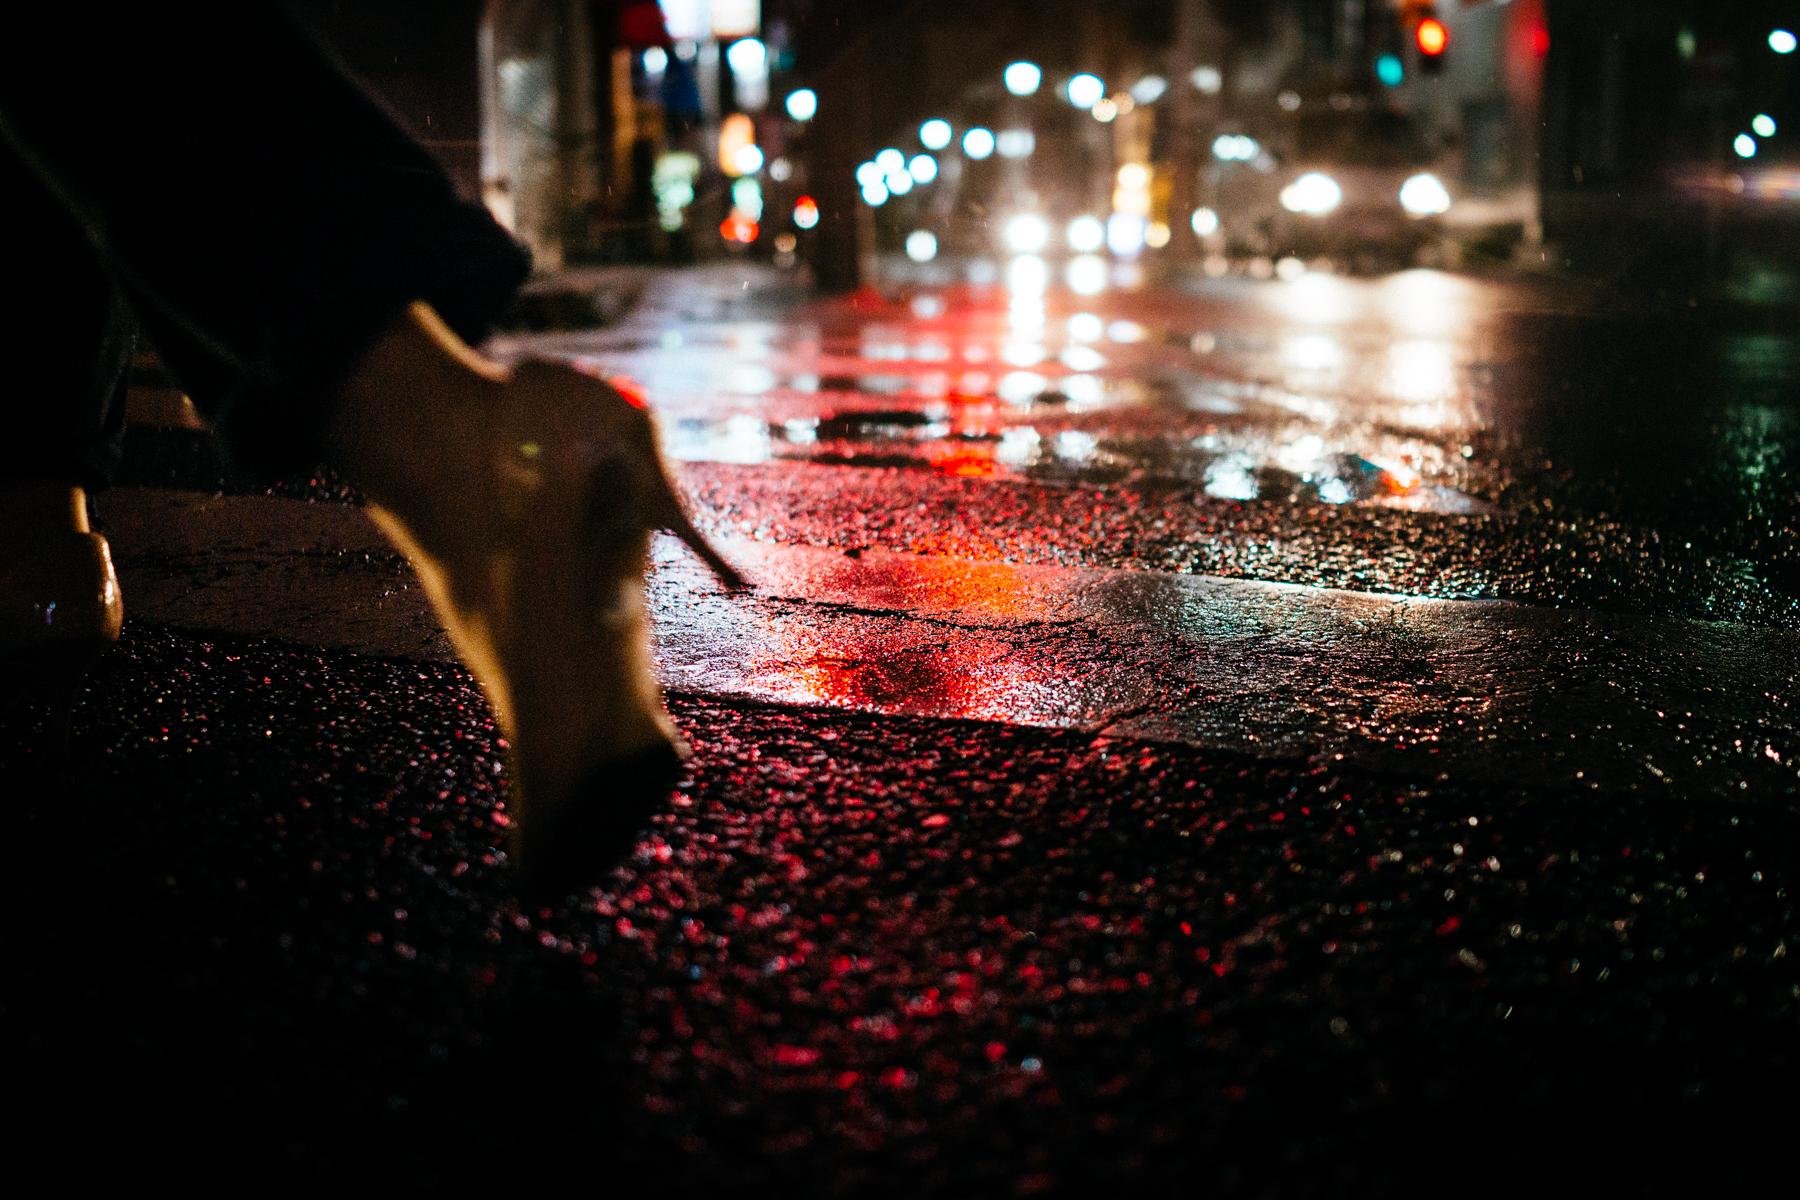 Heel in the rain